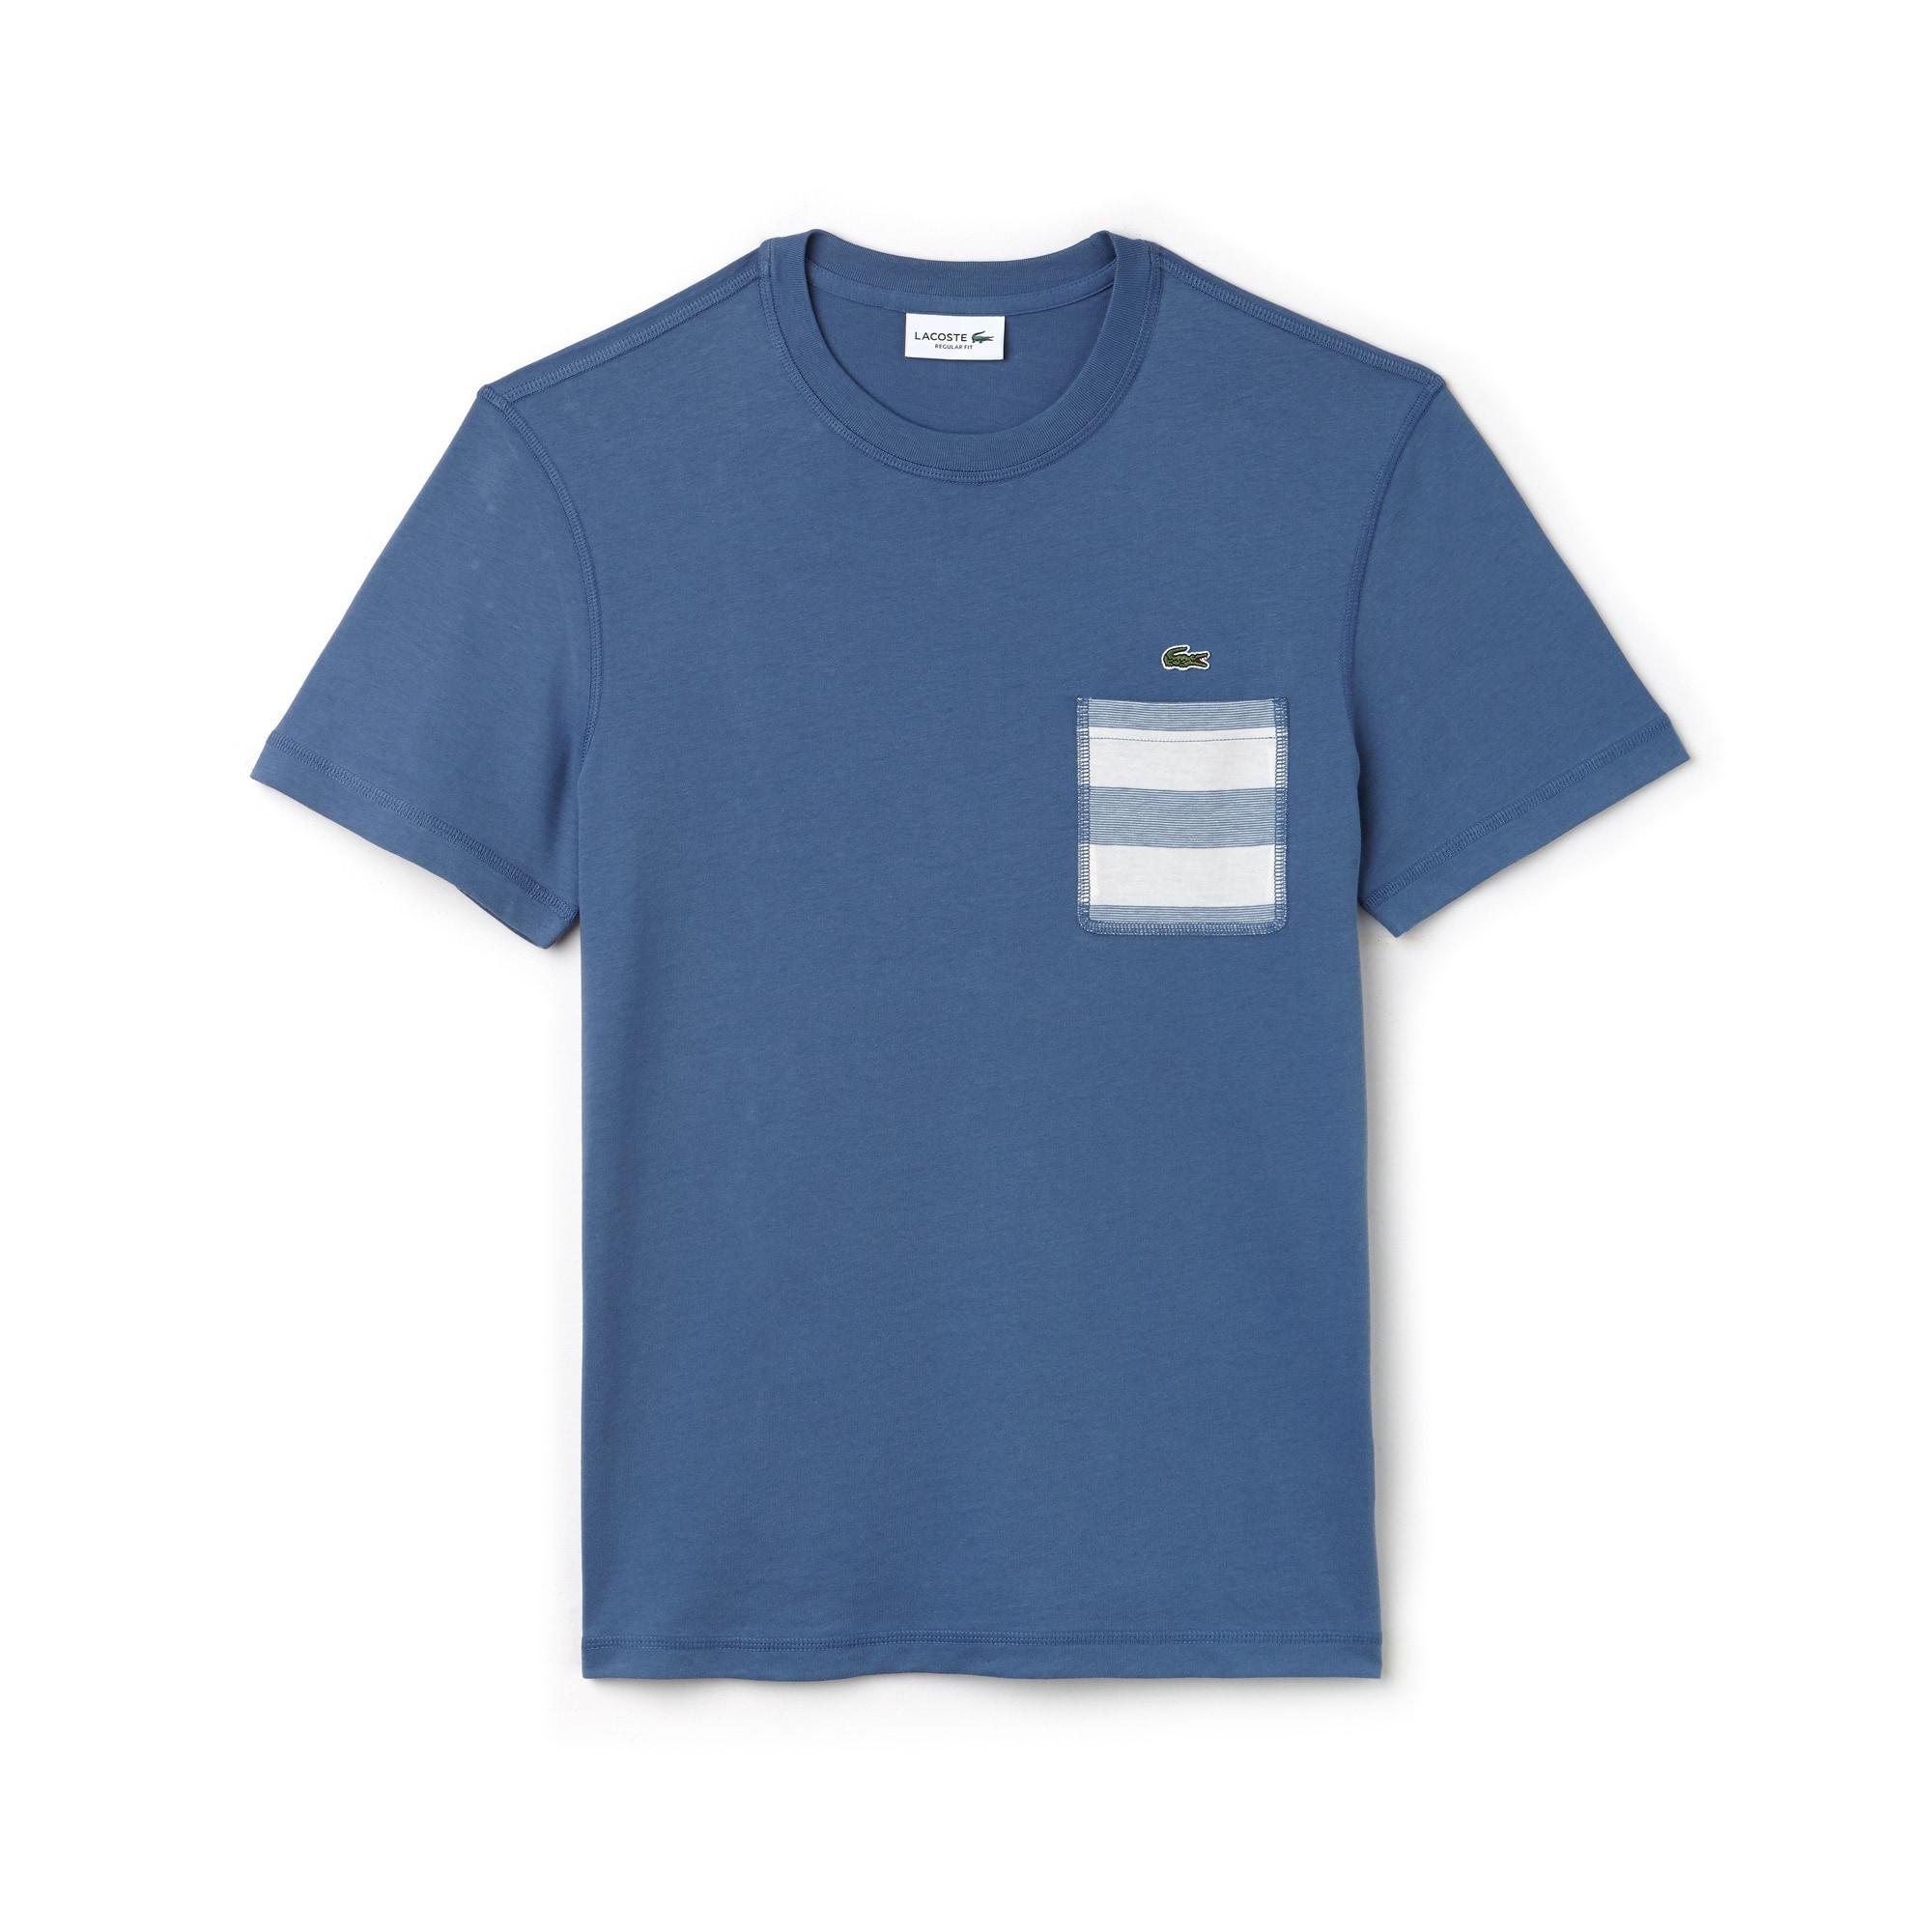 Camiseta Con Cuello Redondo De Punto Liso De Algodón Con Bolsillo De Rayas